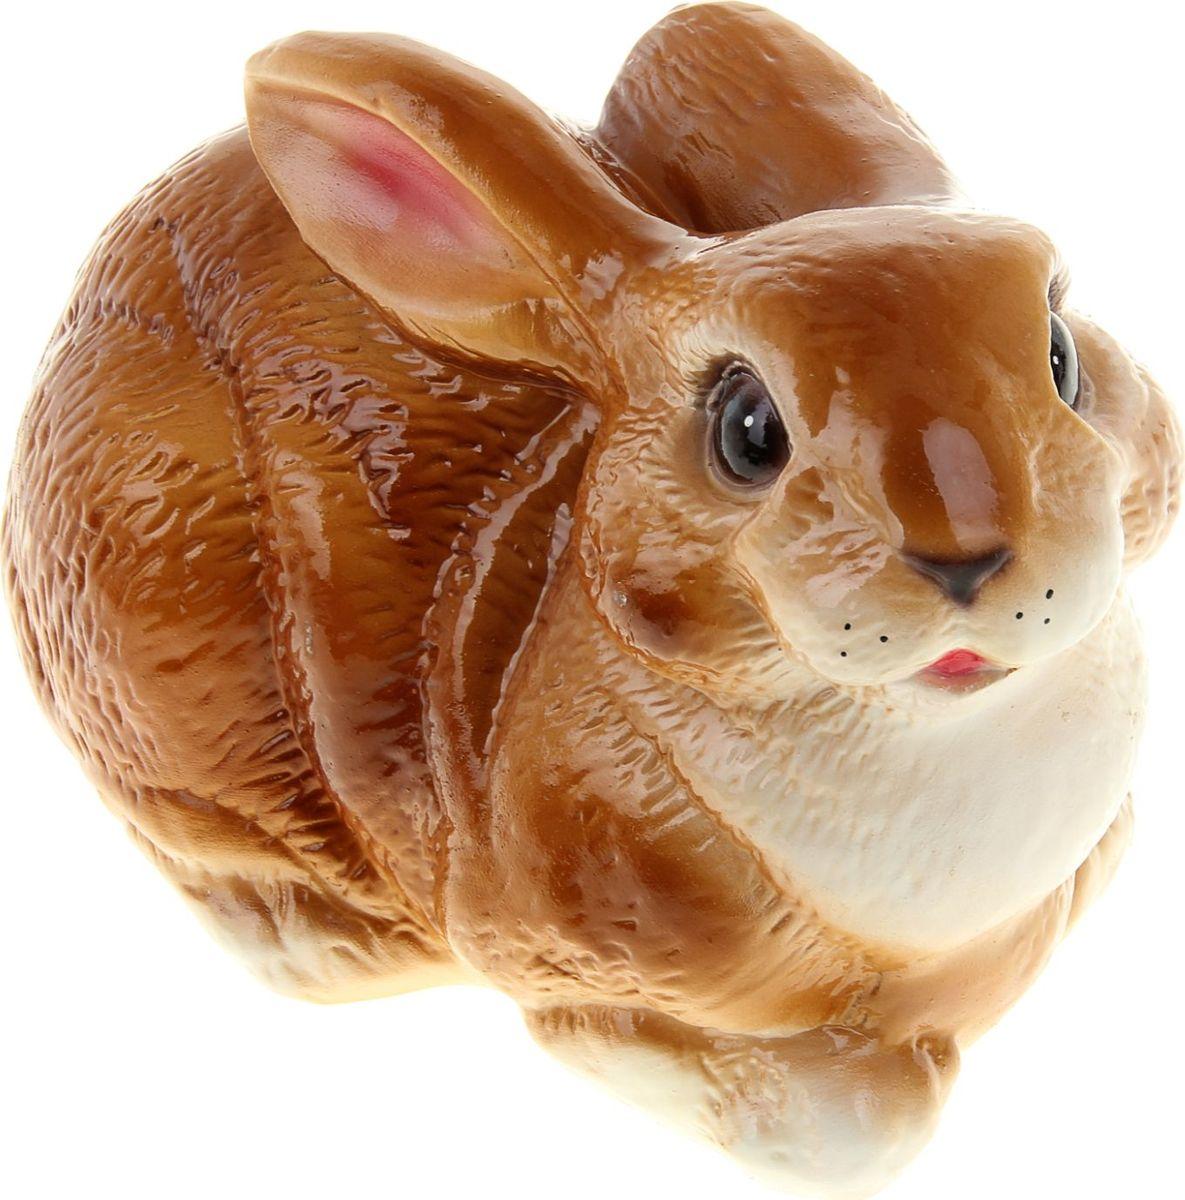 Копилка Керамика ручной работы Заяц, 27 х 16 х 18 см884501Копилка в виде зайца поможет сберечь финансы будущим родителям, а также притянет удачу в дом молодой семьи. Это животное символизирует плодовитость, возрождение и даже магическую силу. Копилка — подарок, который можно сделать на свадьбу, её годовщину или паре, которая хочет завести ребёнка.Обращаем ваше внимание, что копилка является одноразовой.